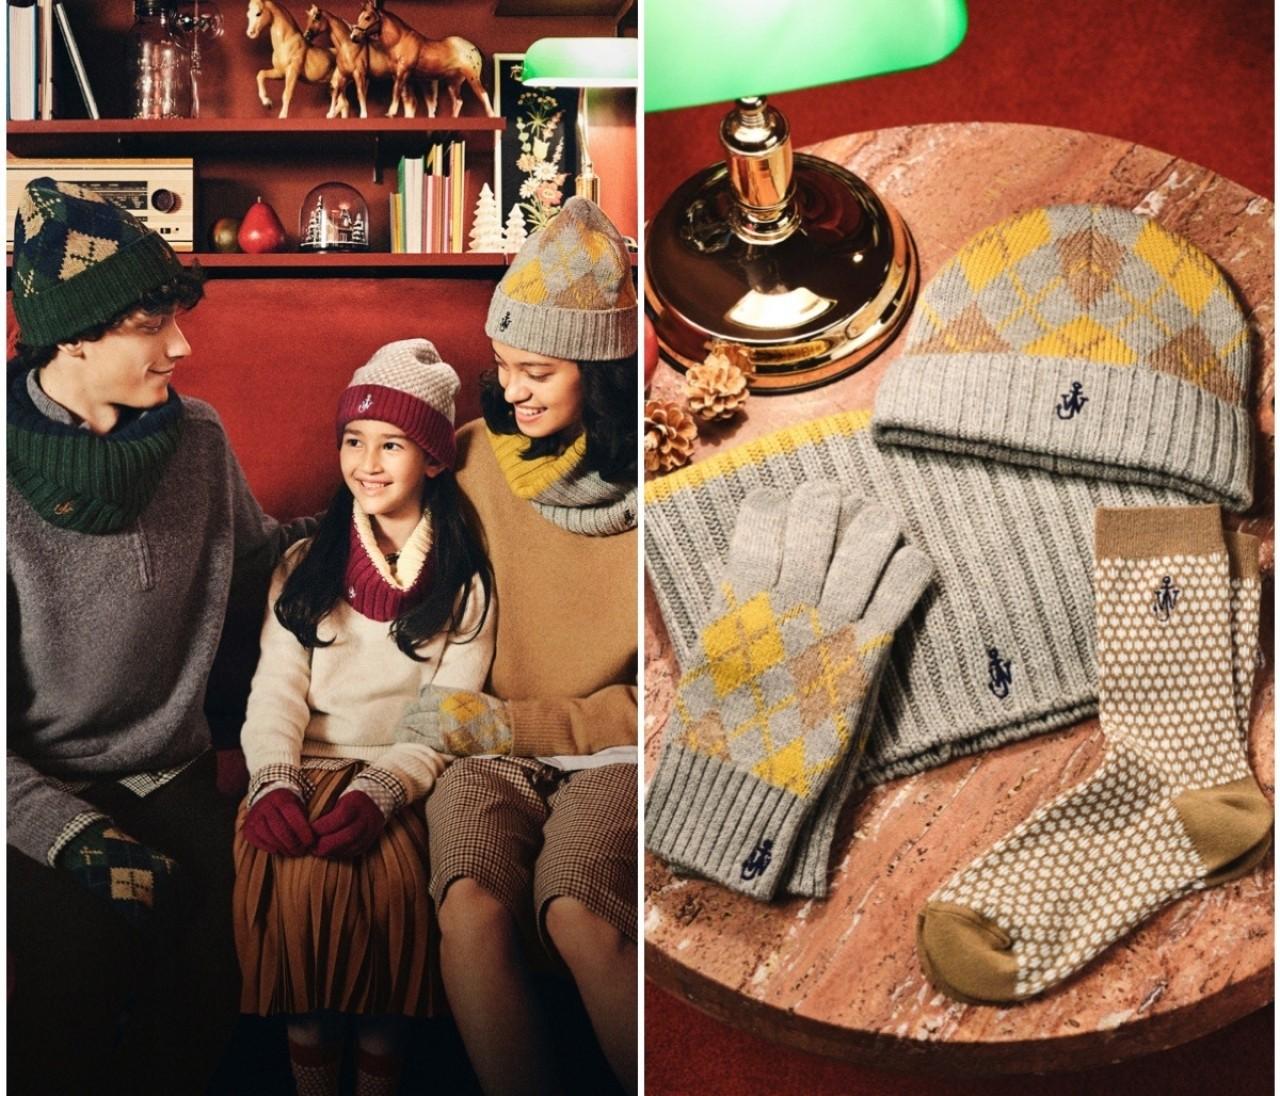 【ユニクロ(UNIQLO)× JW アンダーソンのクリスマスコラボ新登場】ヒートテックあったかニット小物がそろう初のホリデーコレクションが発売決定